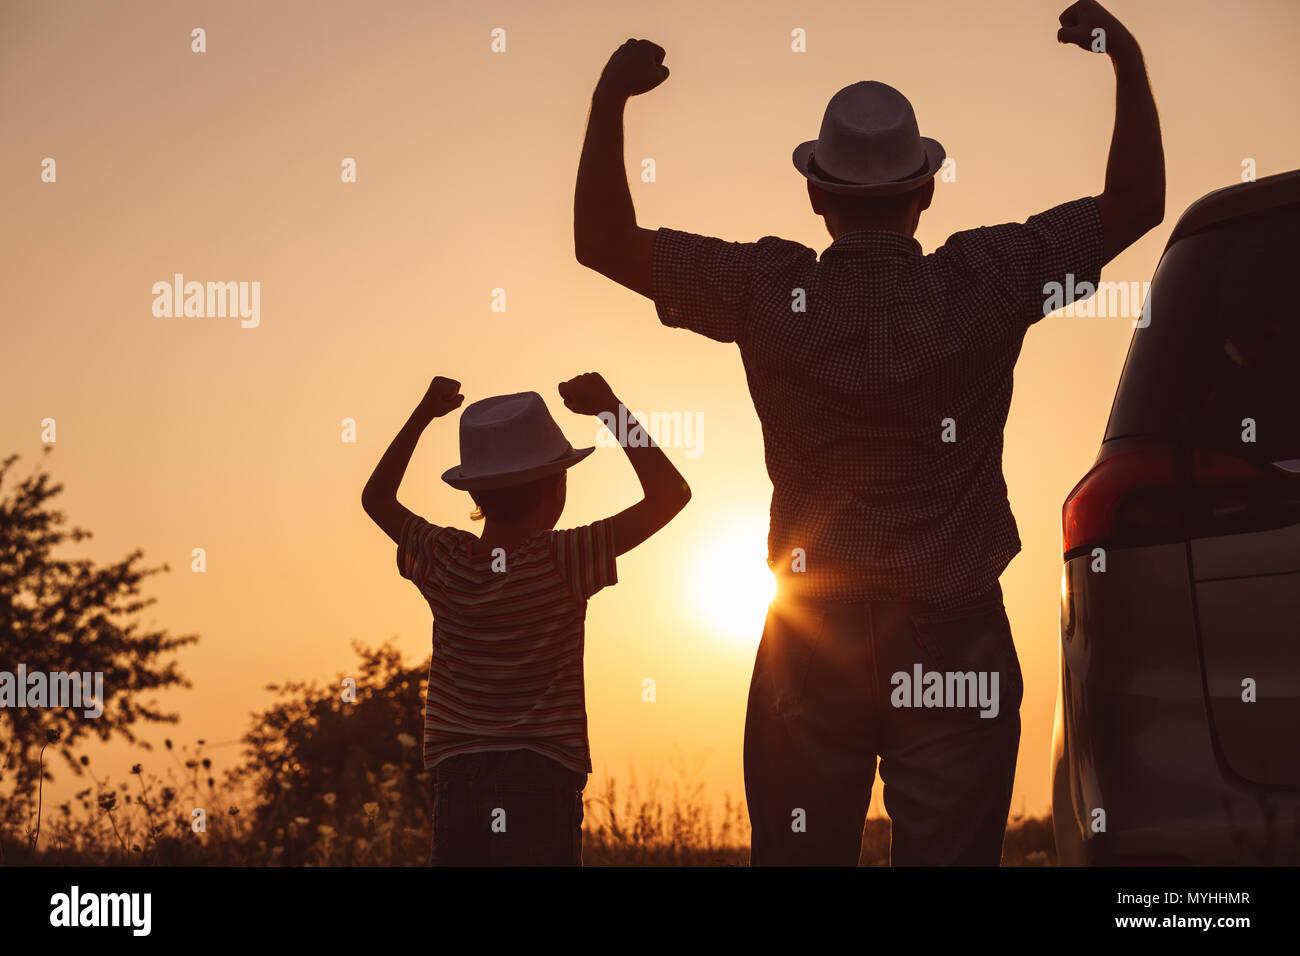 Padre e hijo jugando en el parque a la hora del atardecer. La gente divirtiéndose en el campo. Concepto de familia y de vacaciones de verano. Imagen De Stock